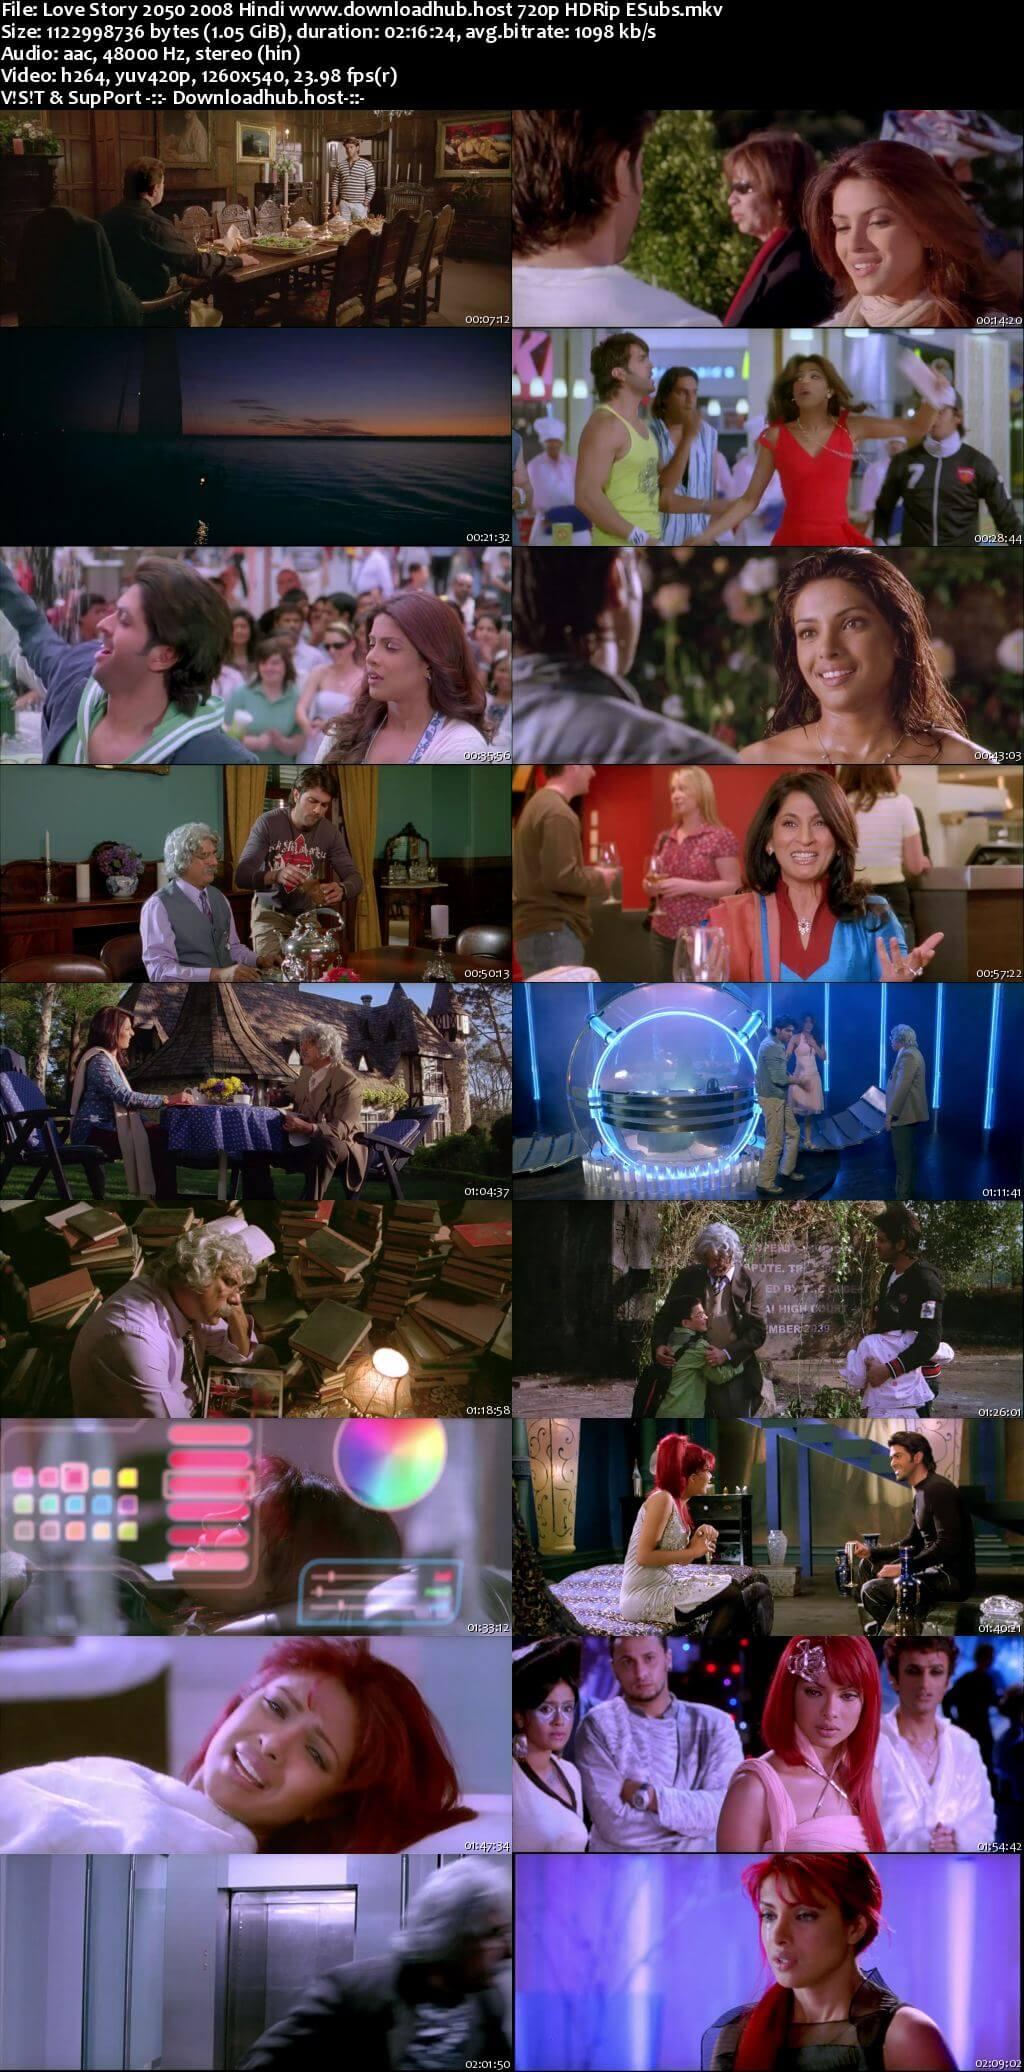 Love Story 2050 2008 Hindi 720p HDRip ESubs